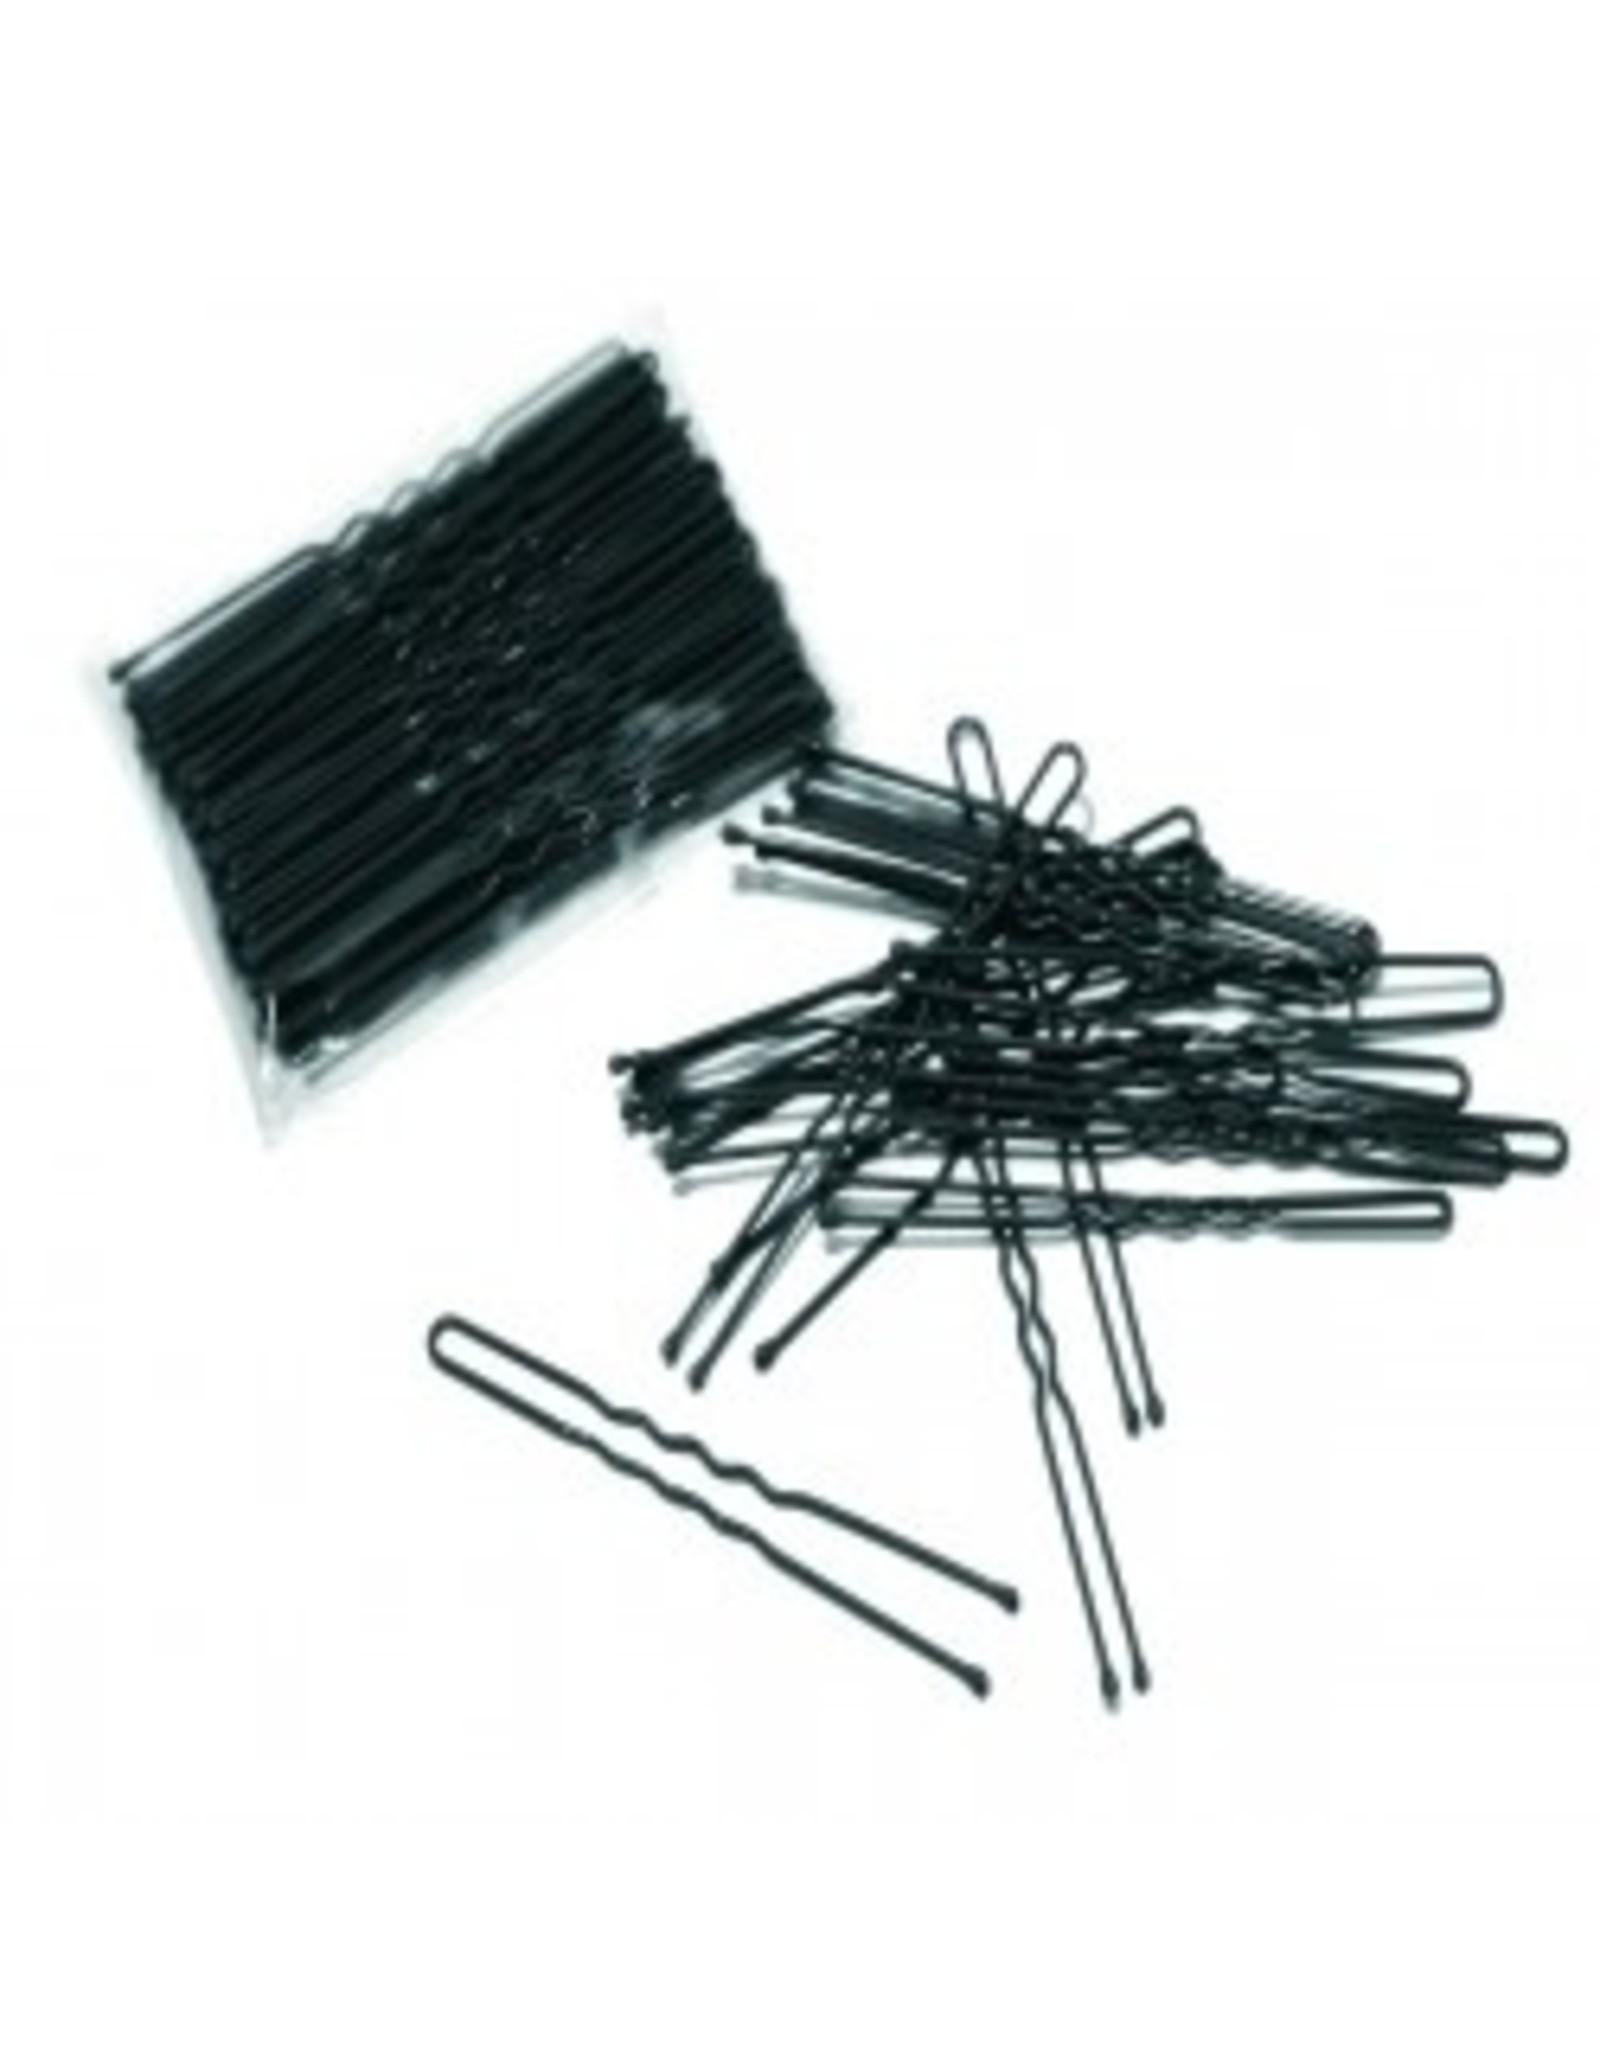 FH2 2 INCH HAIR PINS